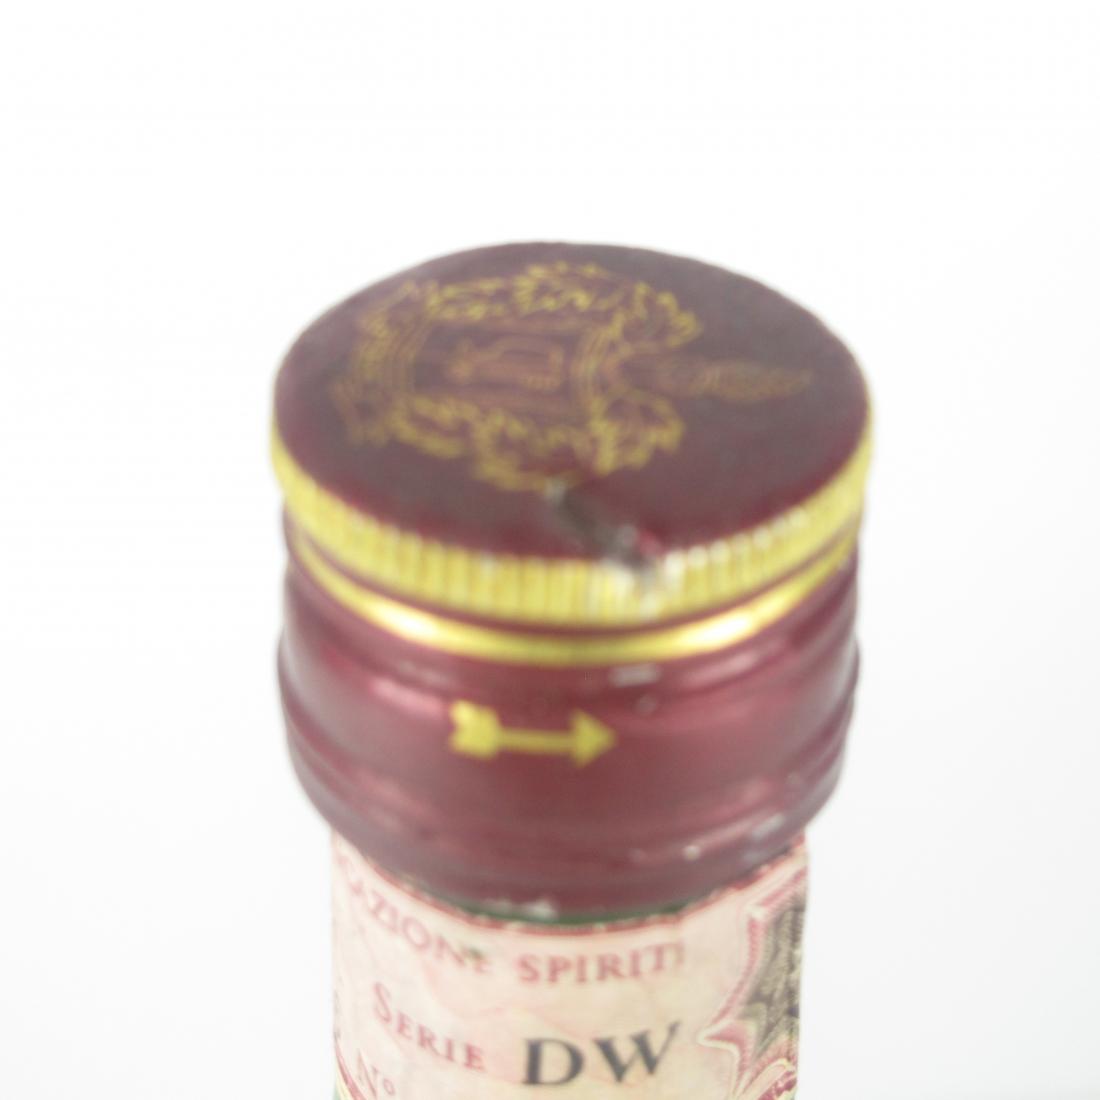 Stock Cherry Liqueur 1970s